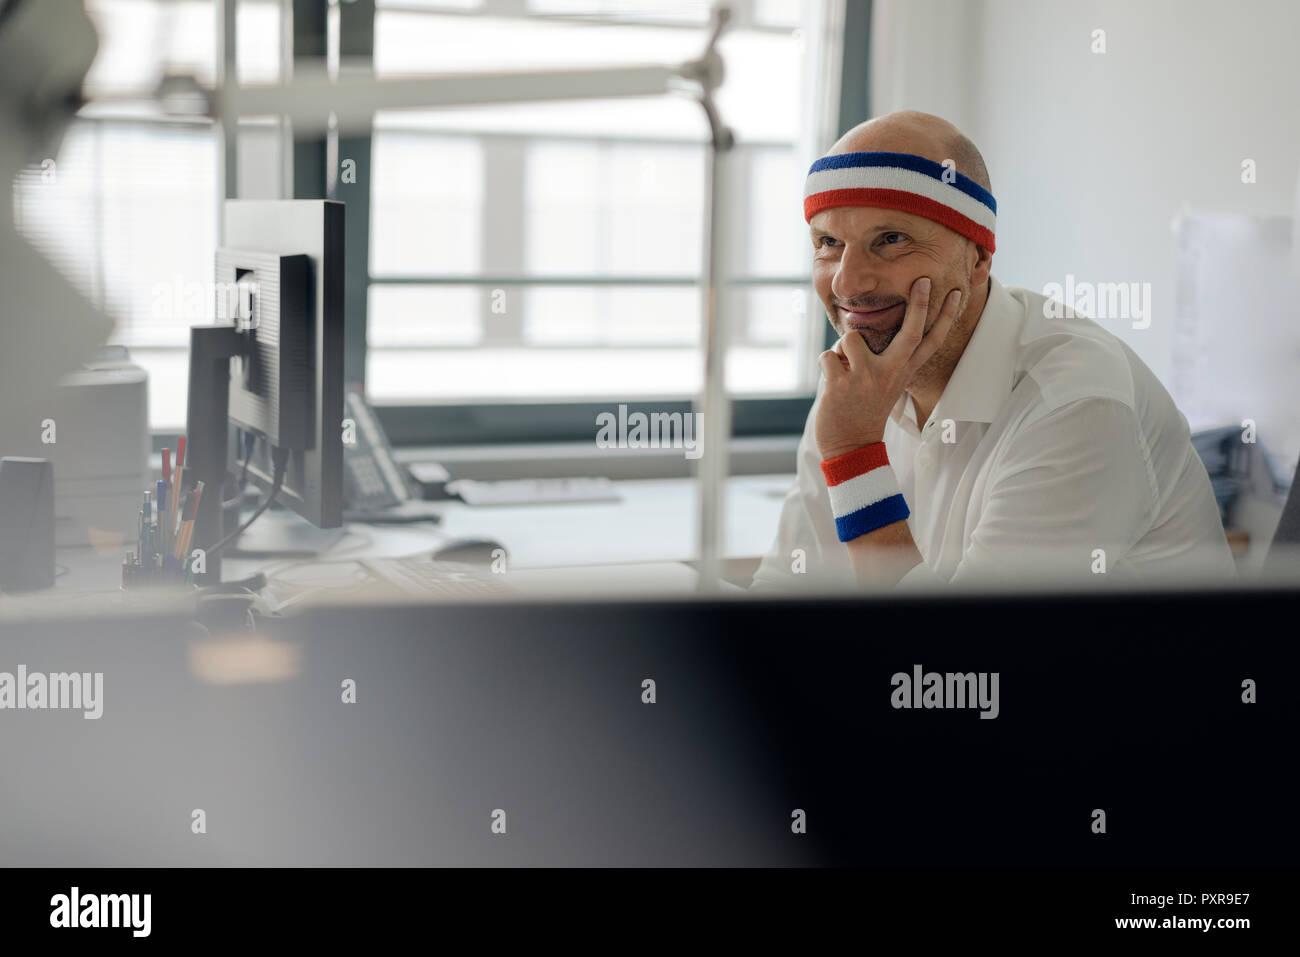 Hombre de negocios sentado en la oficina, usando bandas de sudor Imagen De Stock